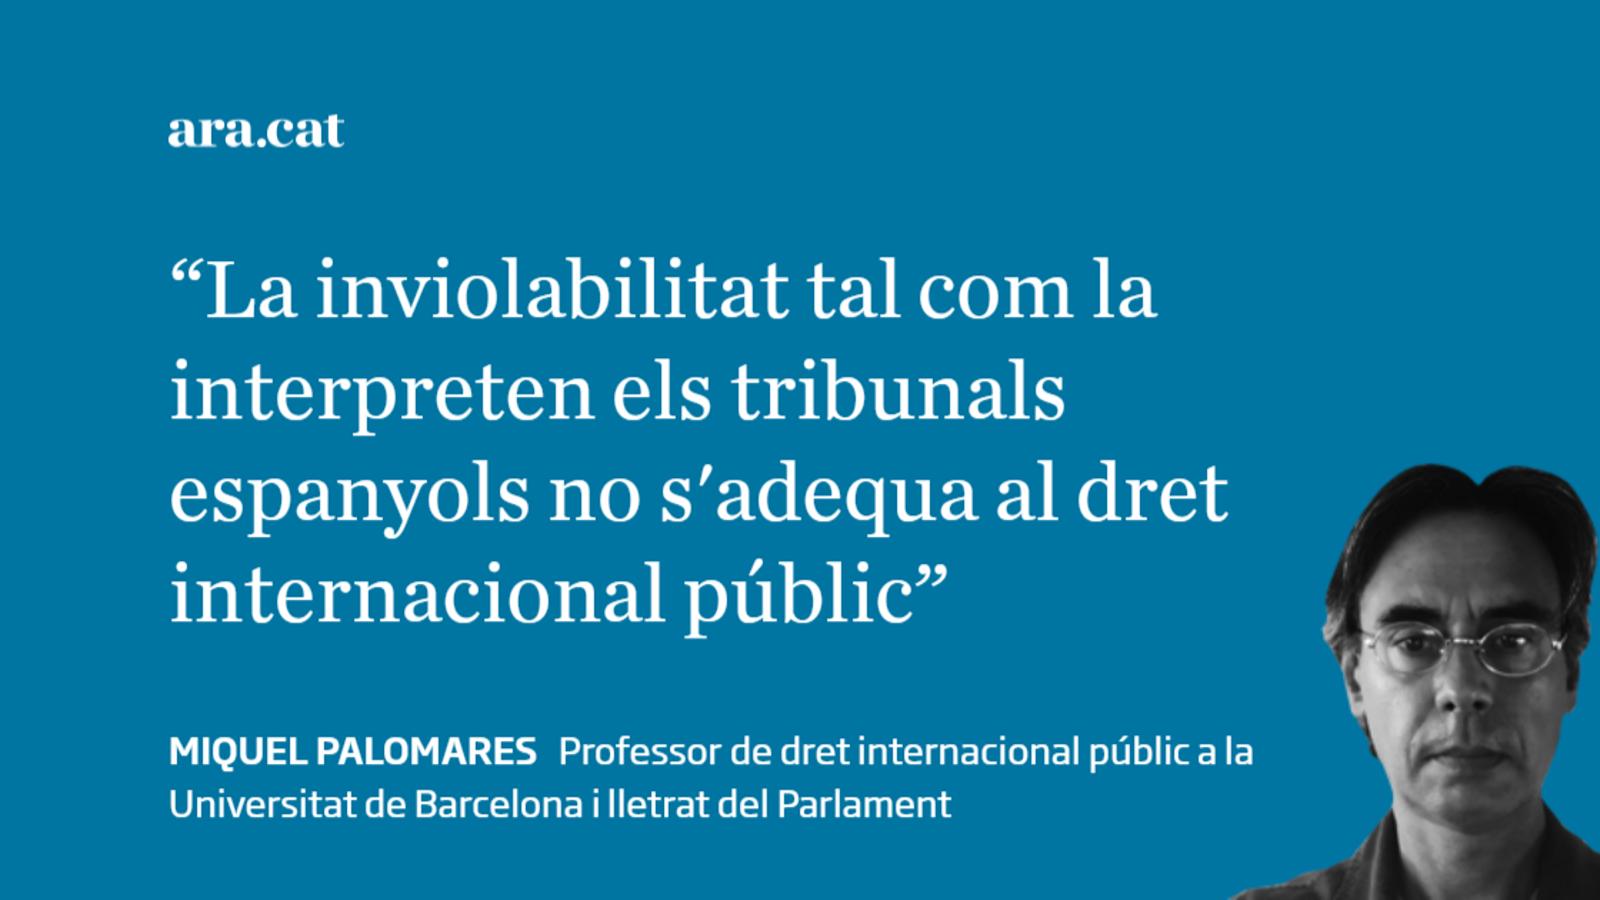 La inviolabilitat del rei i el dret internacional